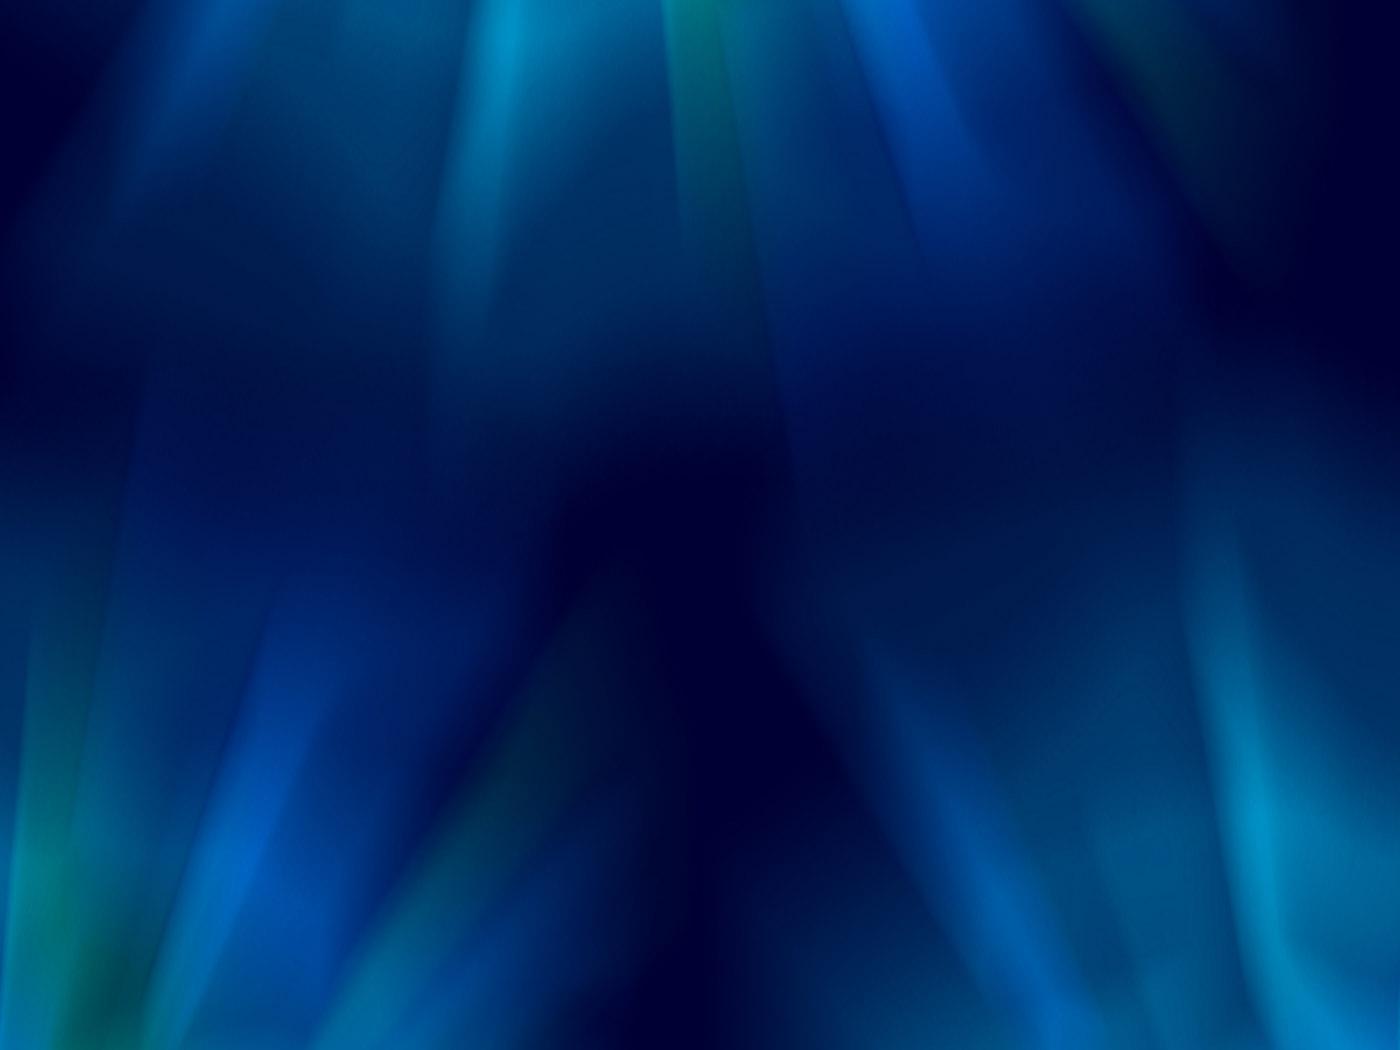 Schöne Hintergrundbilder Blau